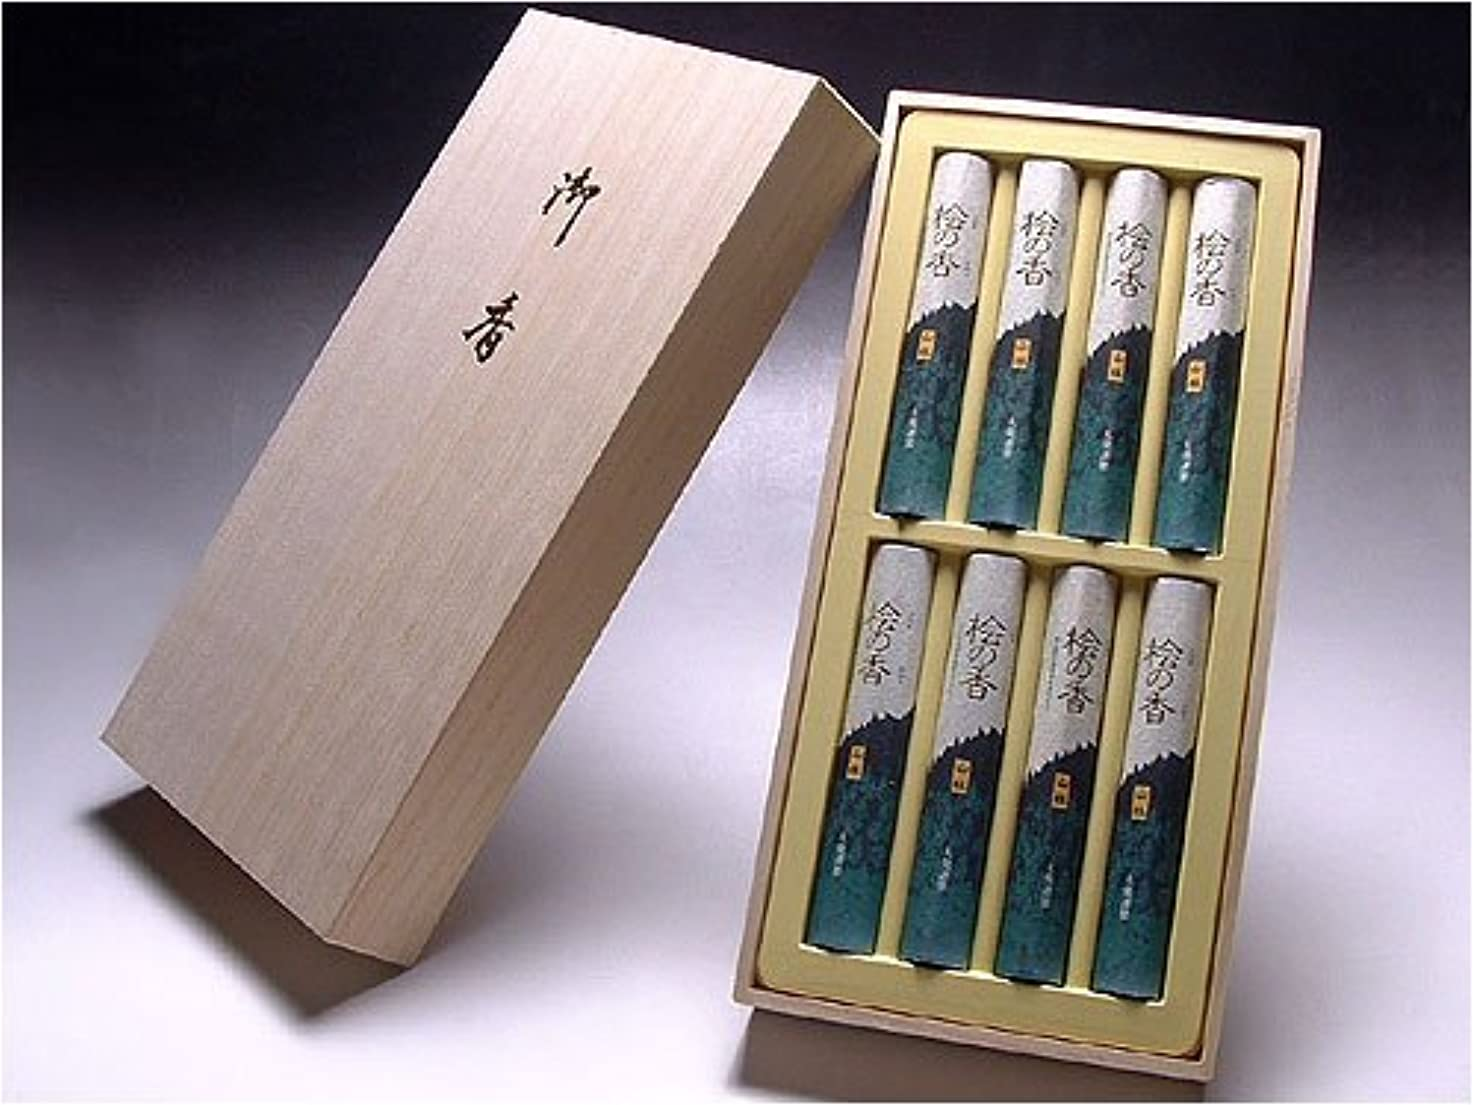 爆発無視できる静かに大発のお線香ギフト 桧の香り 短寸 8把入